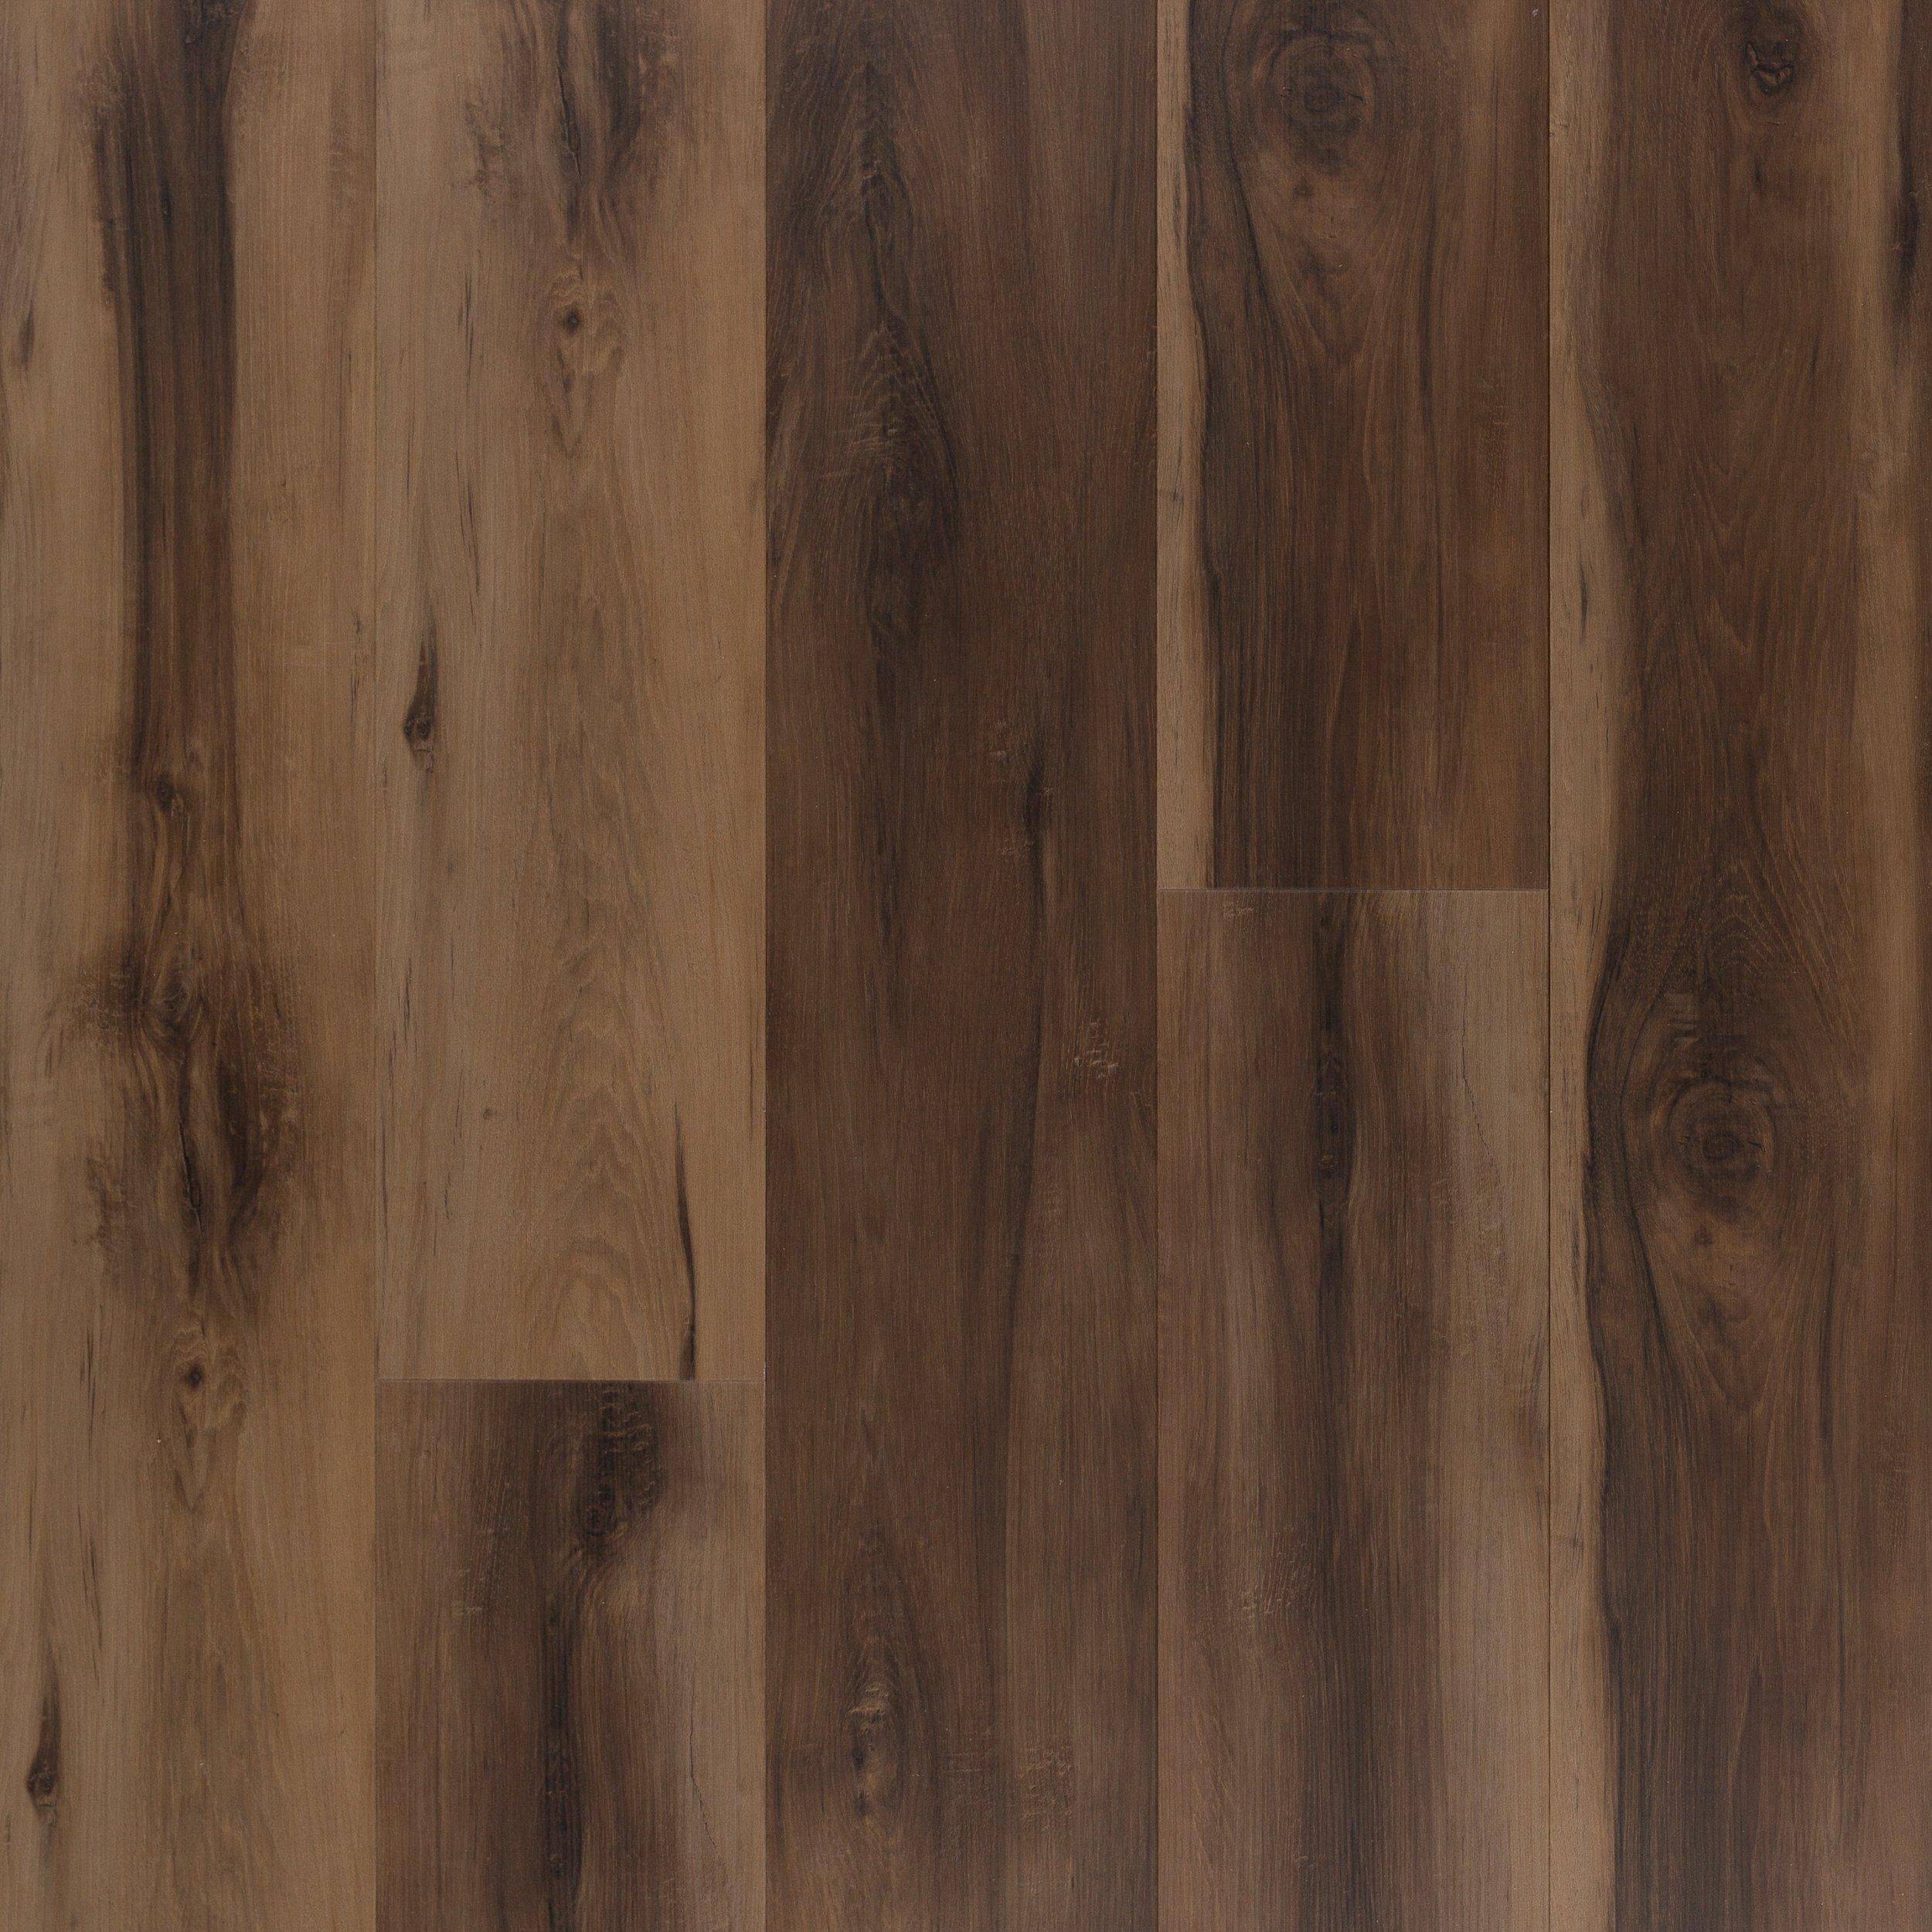 Walnut Vinyl Plank Flooring Vintalicious